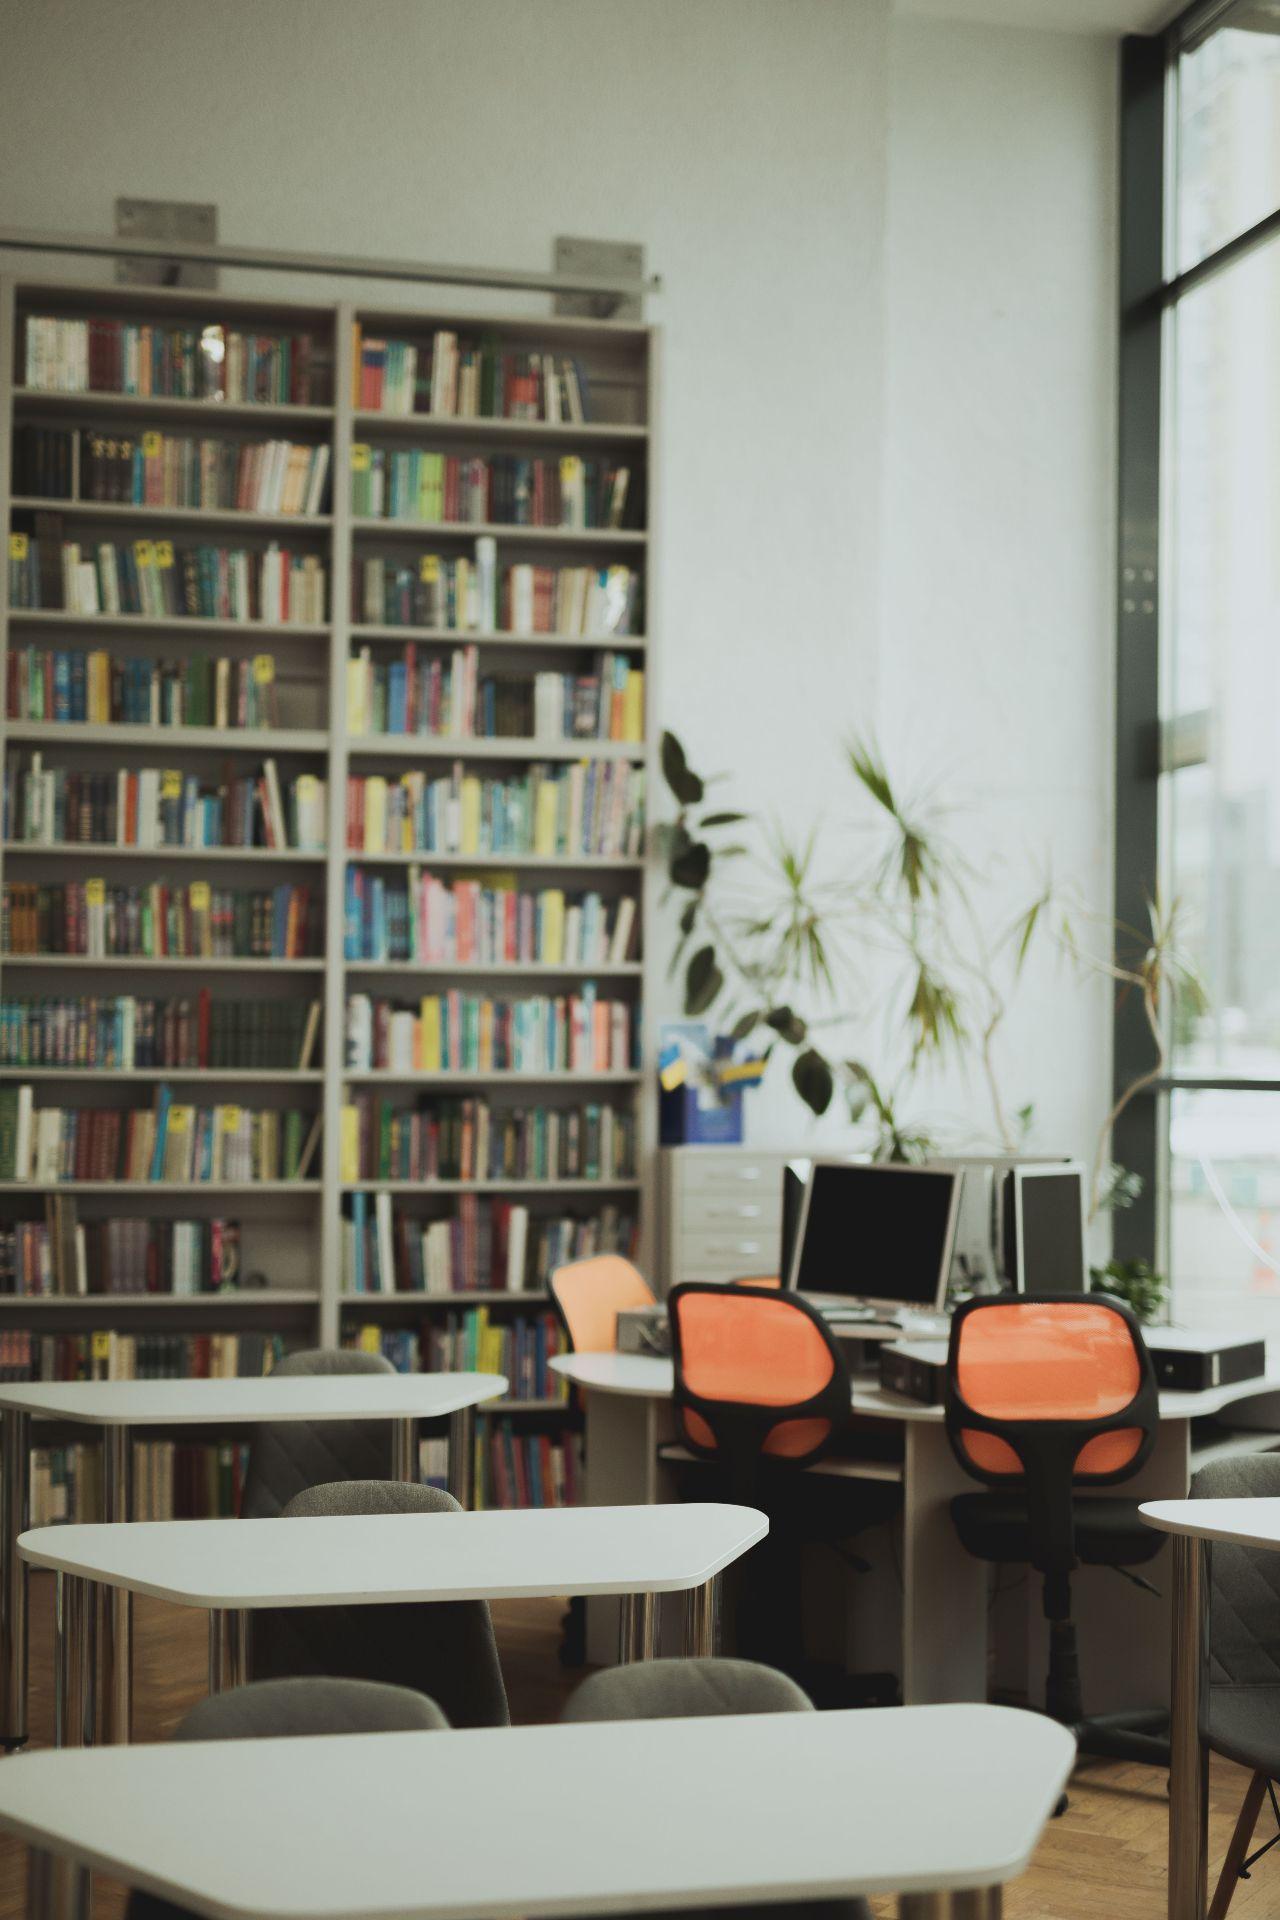 На даху бібліотеки зона відпочинку